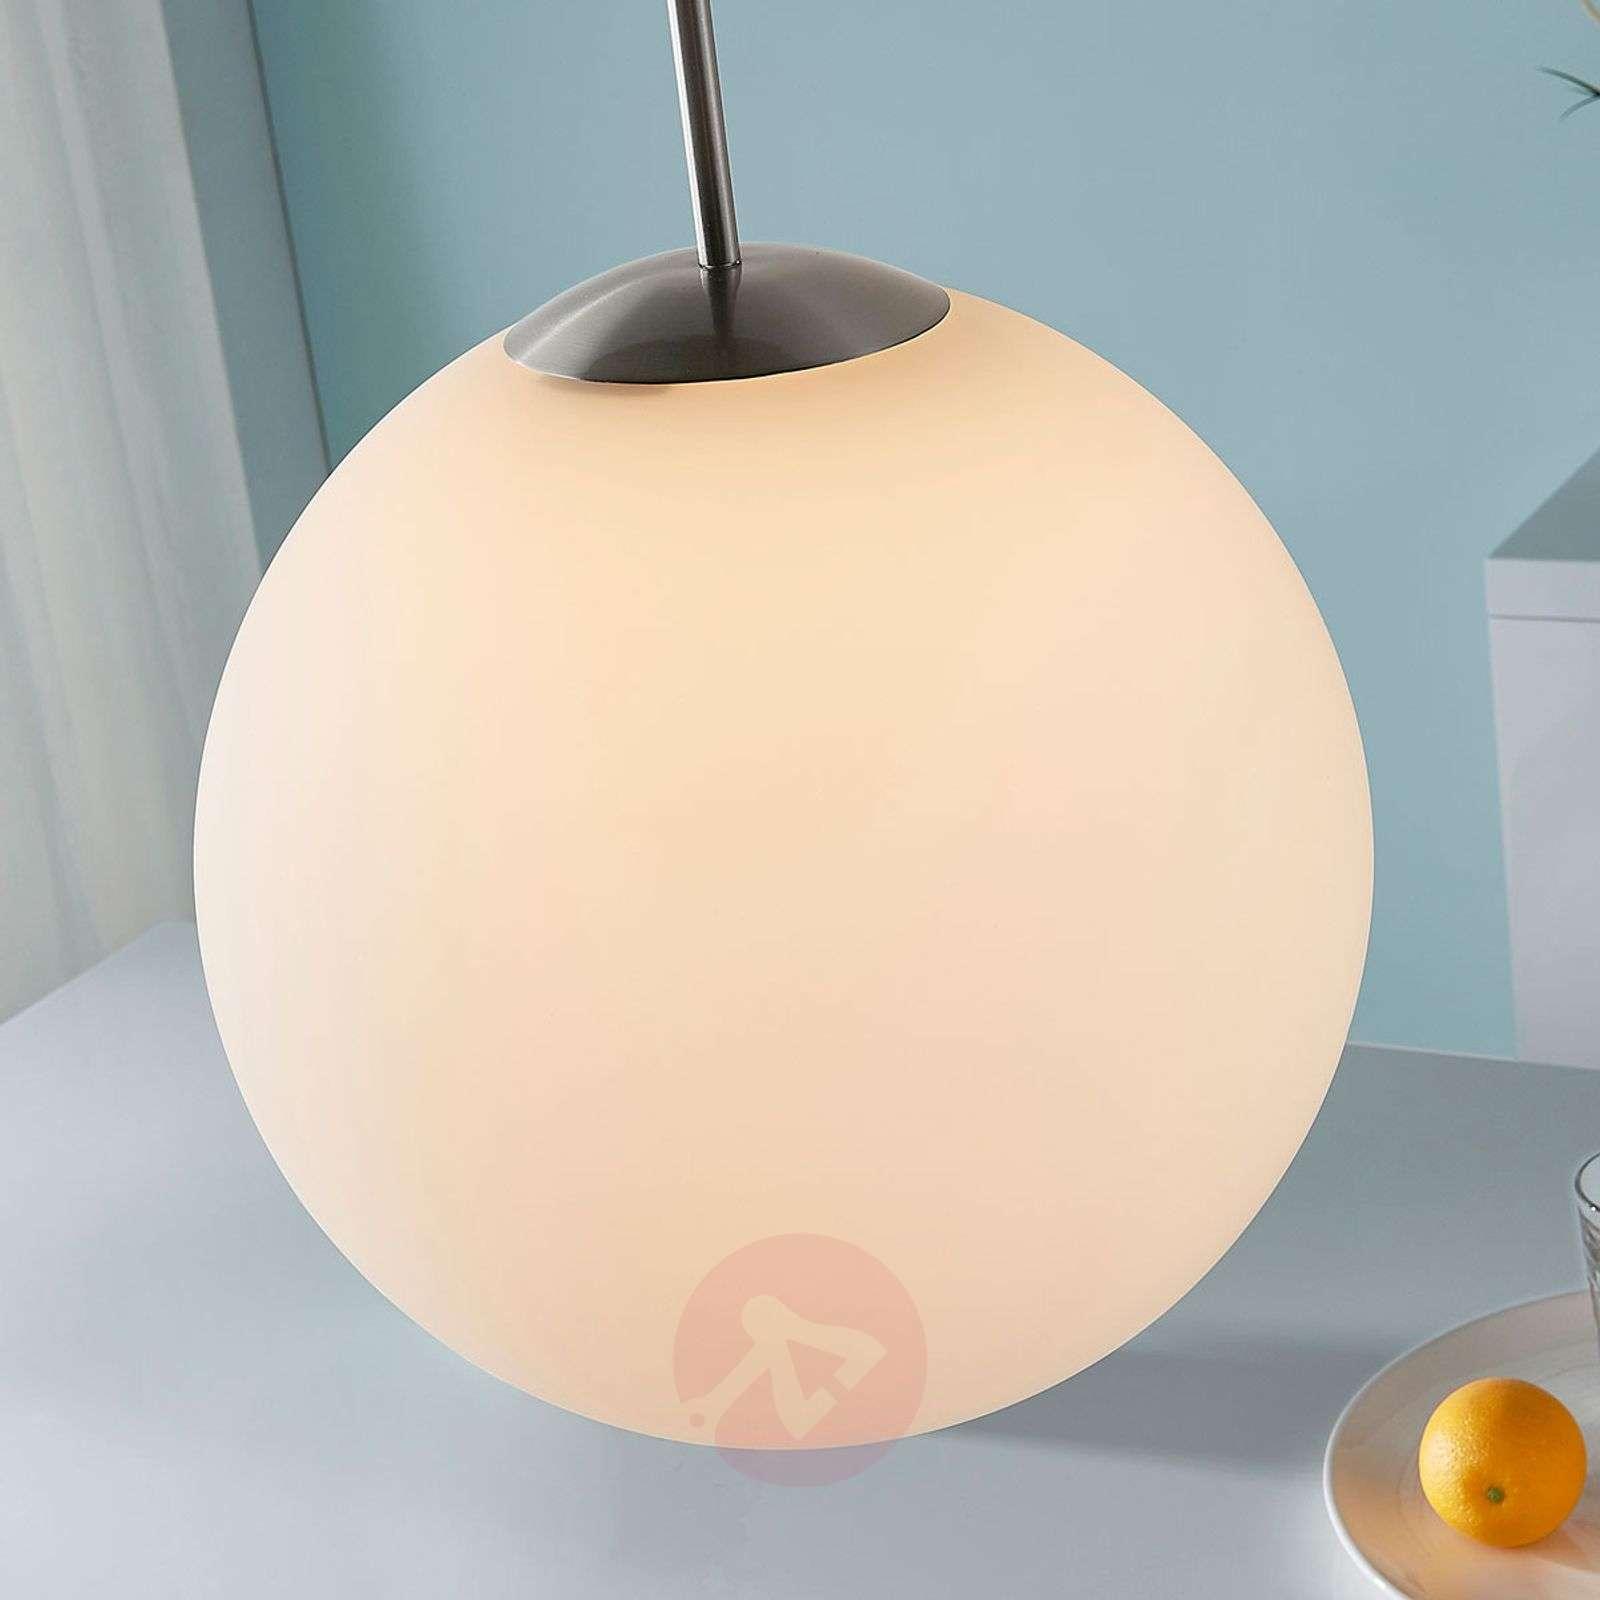 Marike spherical hanging light, white opal glass-9621454-01